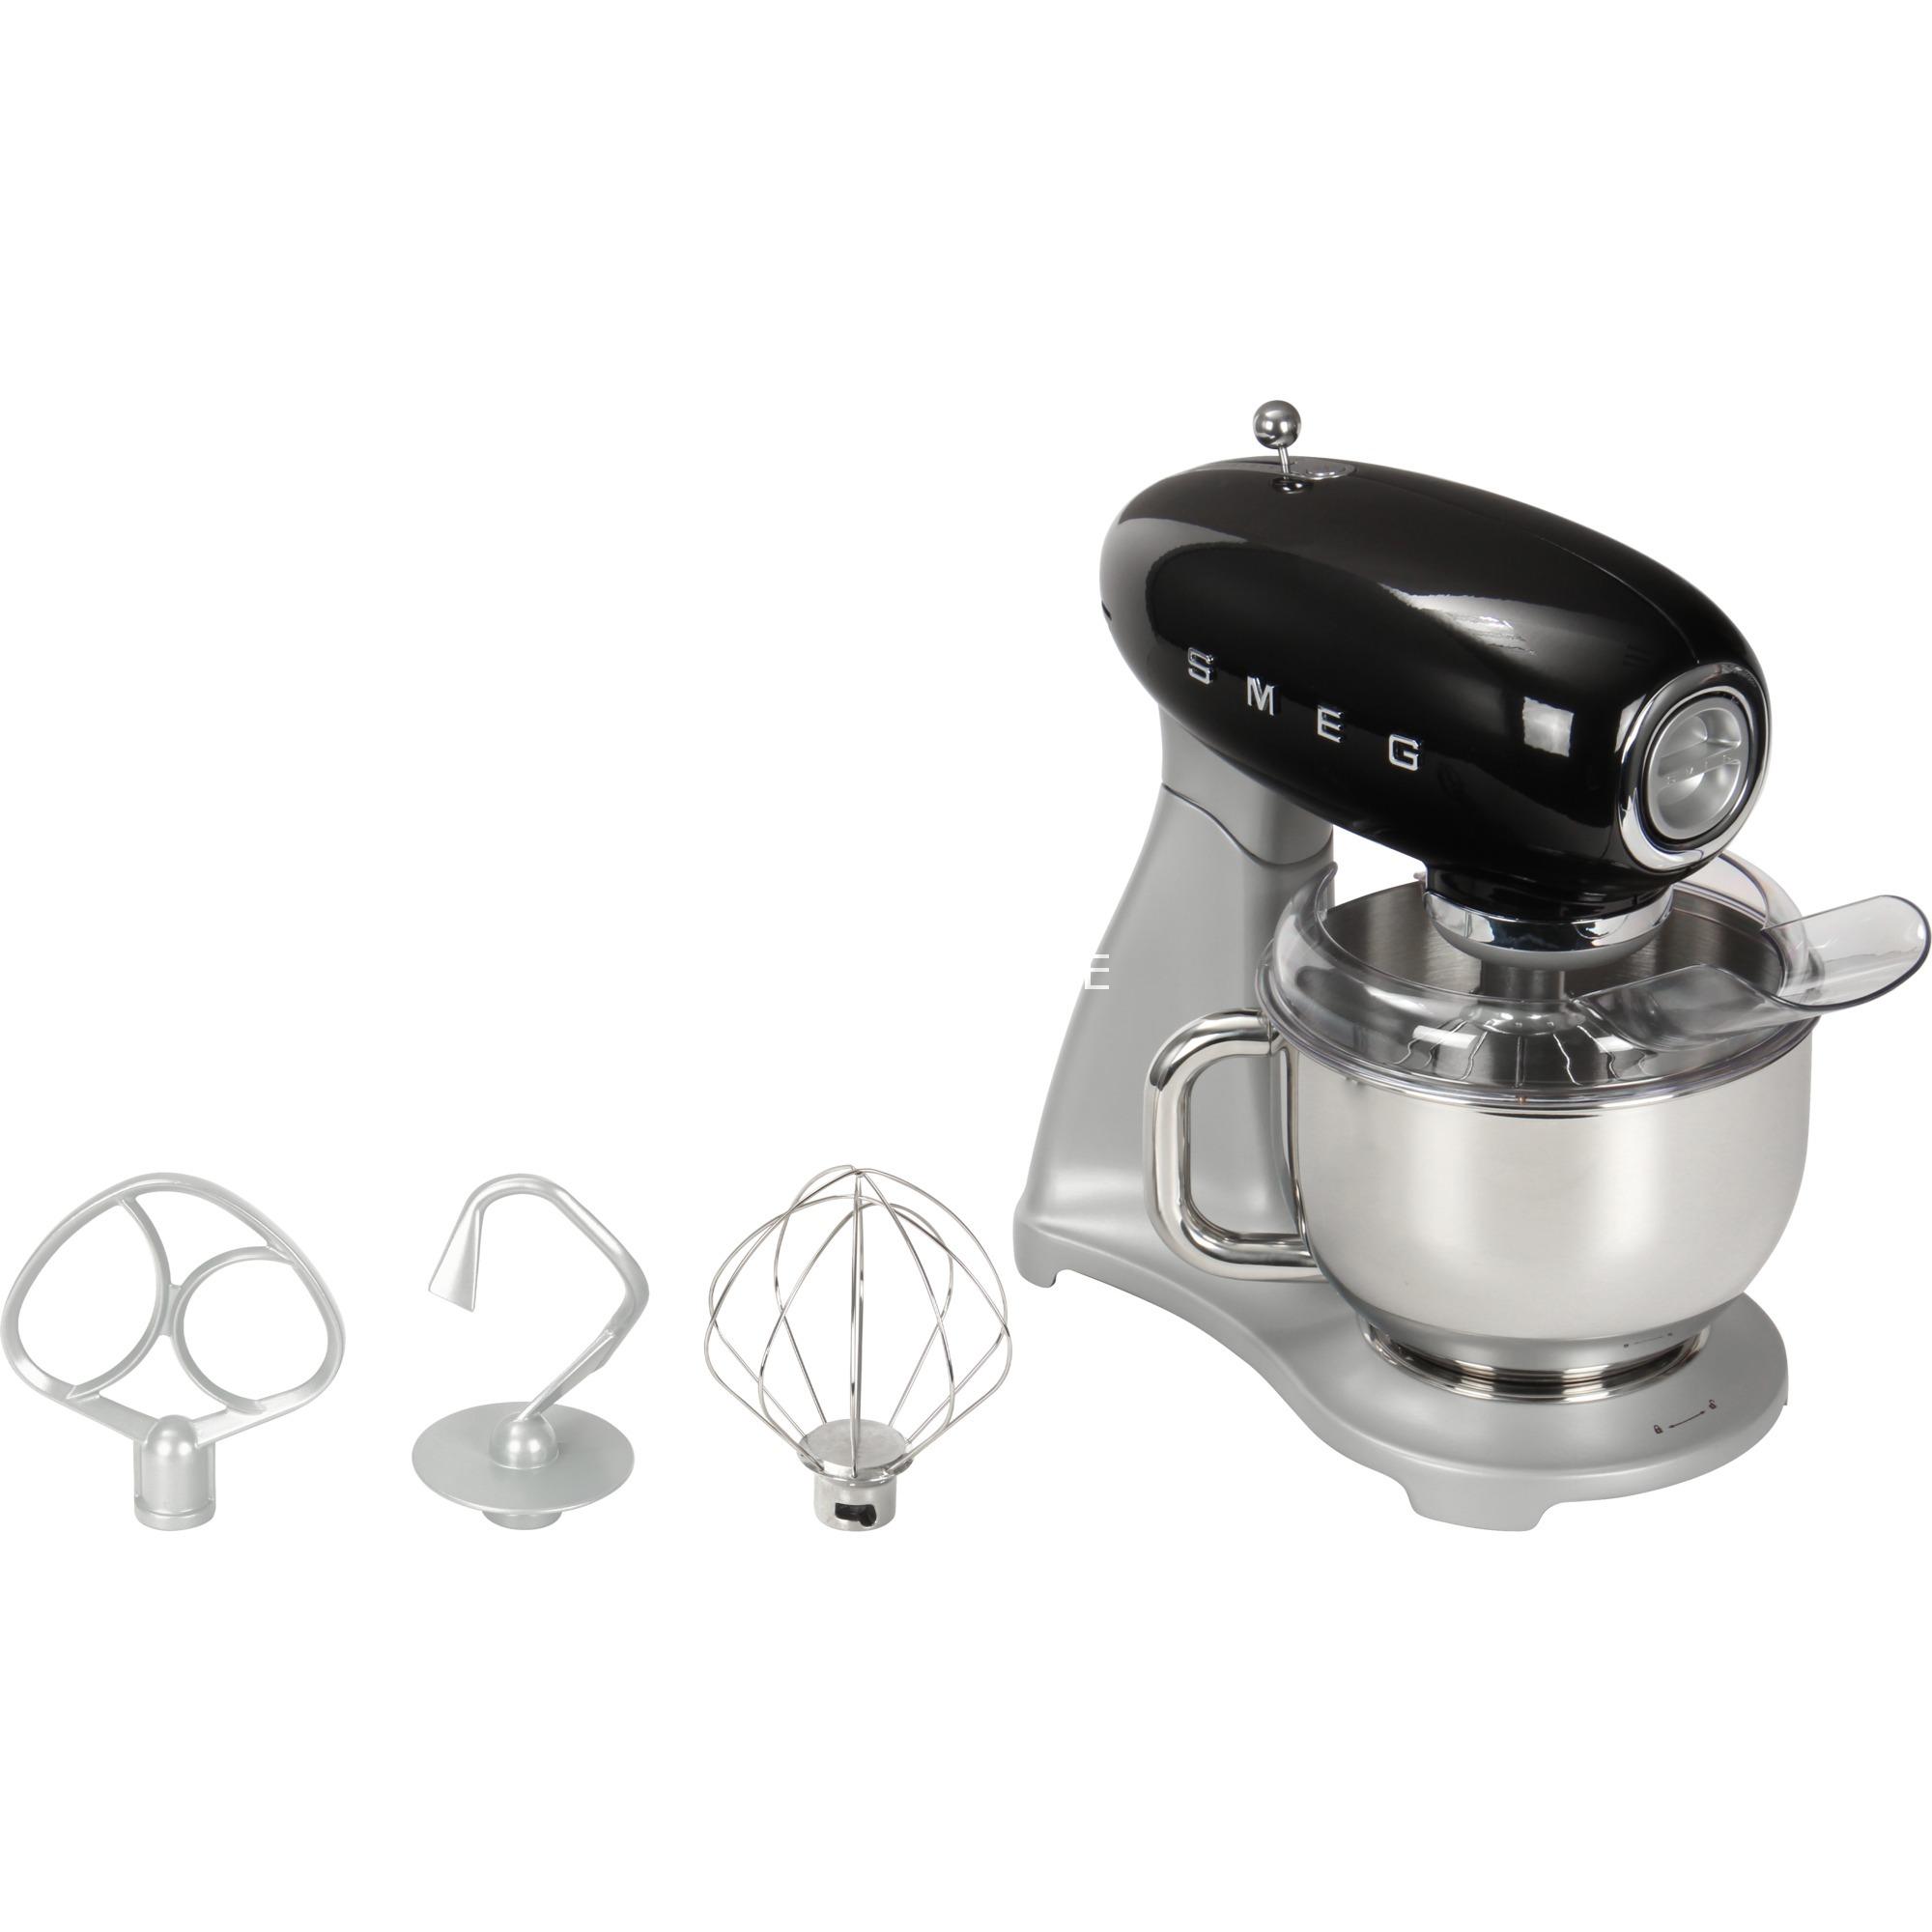 SMF01BLEU batidora Batidora de varillas Negro 800 W, Robot de cocina